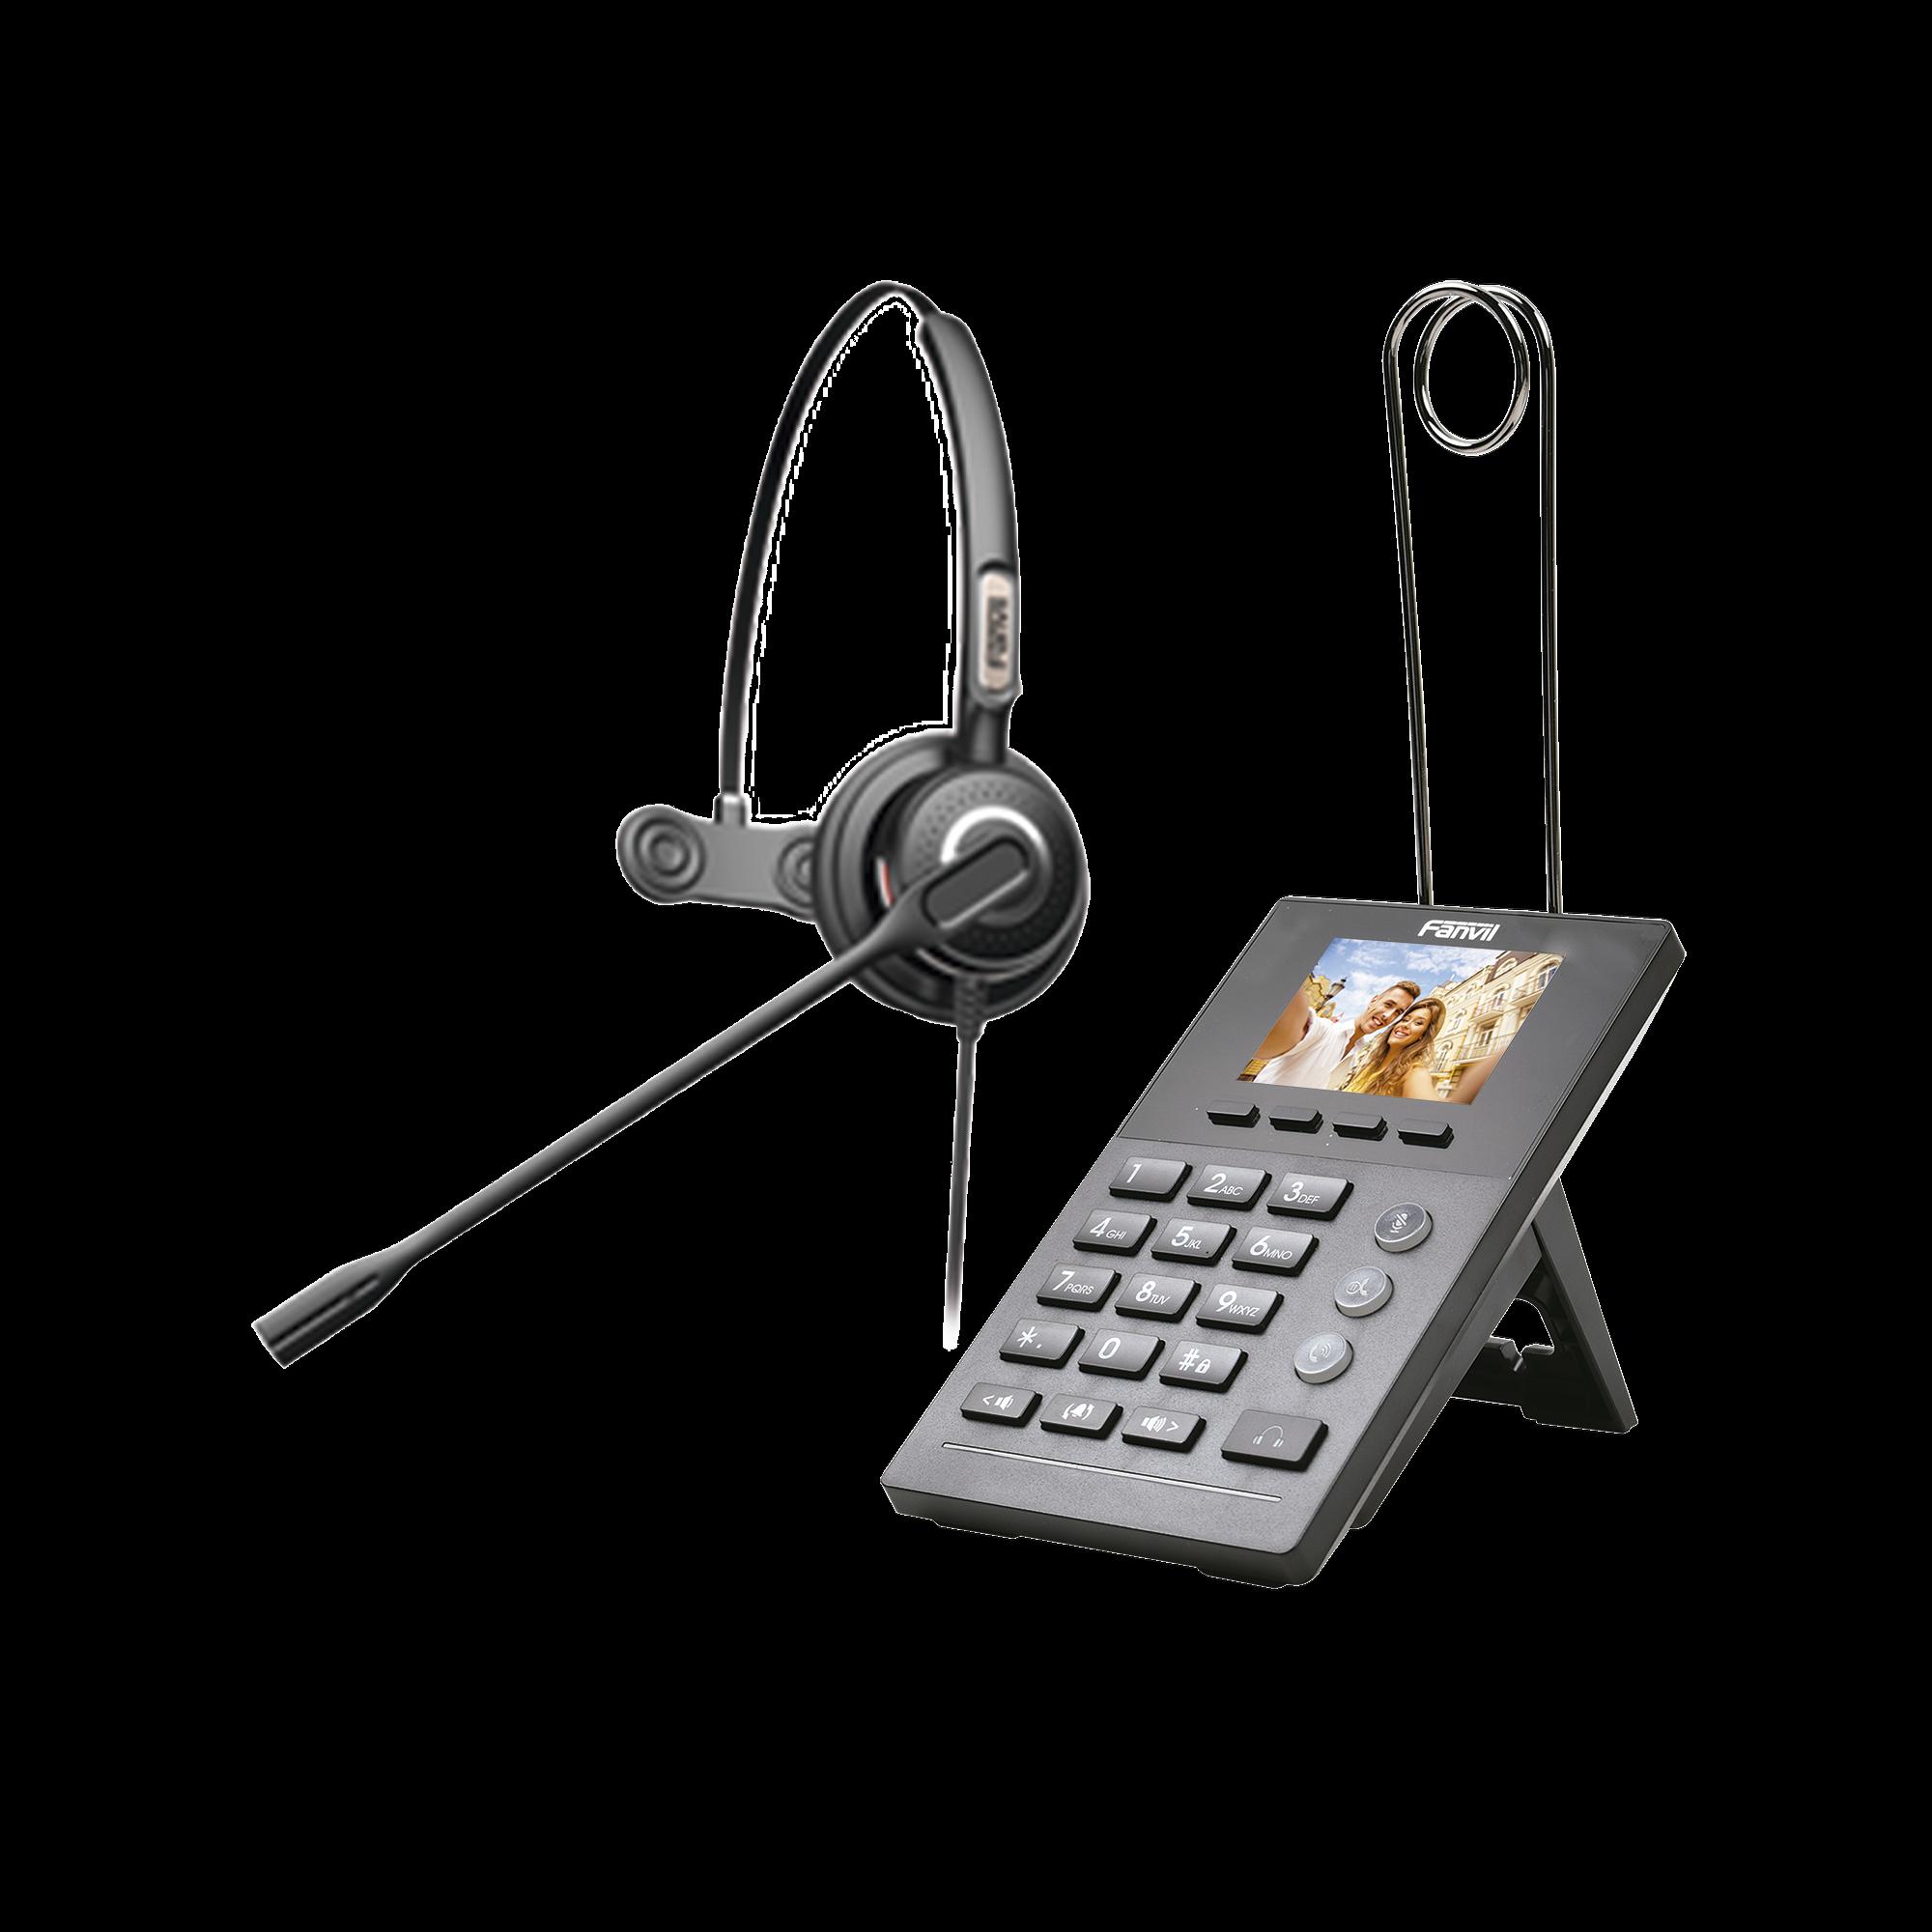 Teléfono IP para Call Center, incluye diadema HT201 y fuente de alimentación.